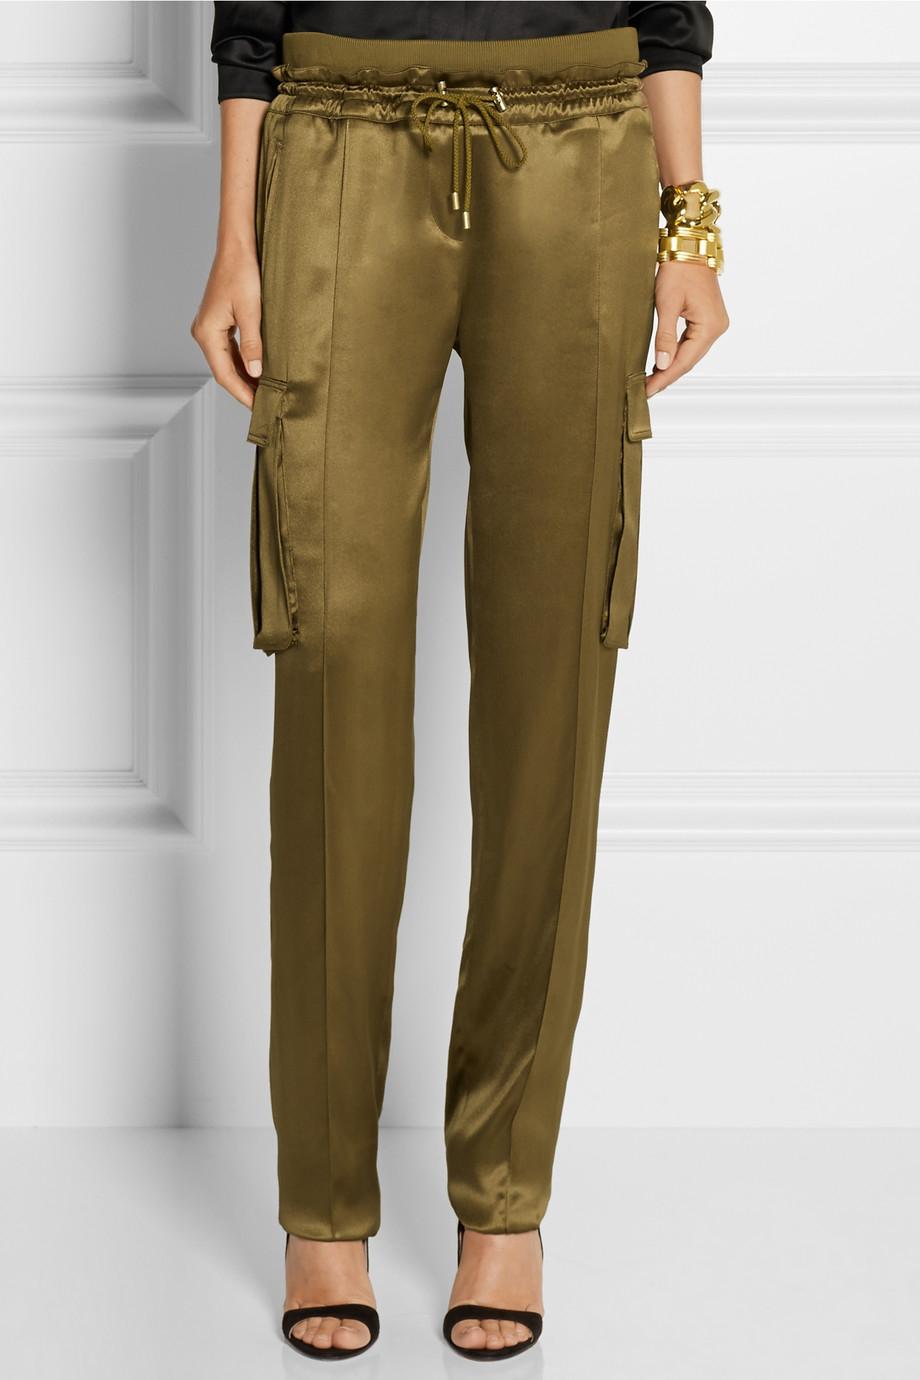 Balmain Silk-Satin Cargo Pants in Green | Lyst